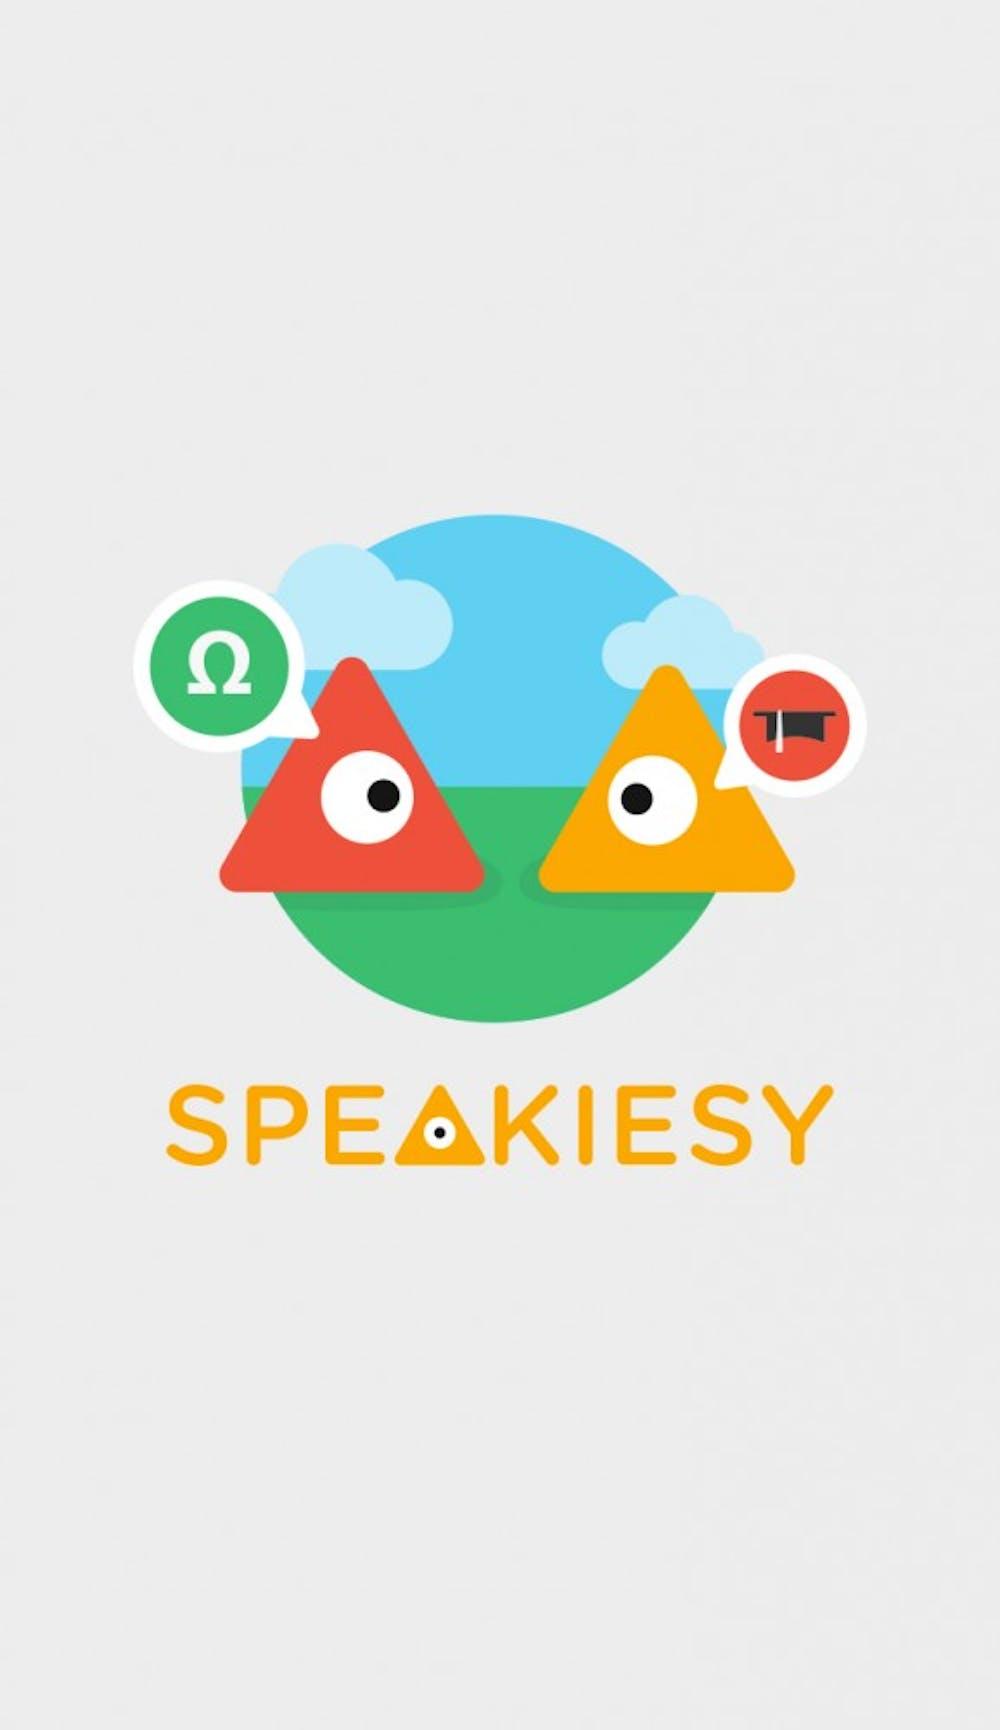 speakeasy_app